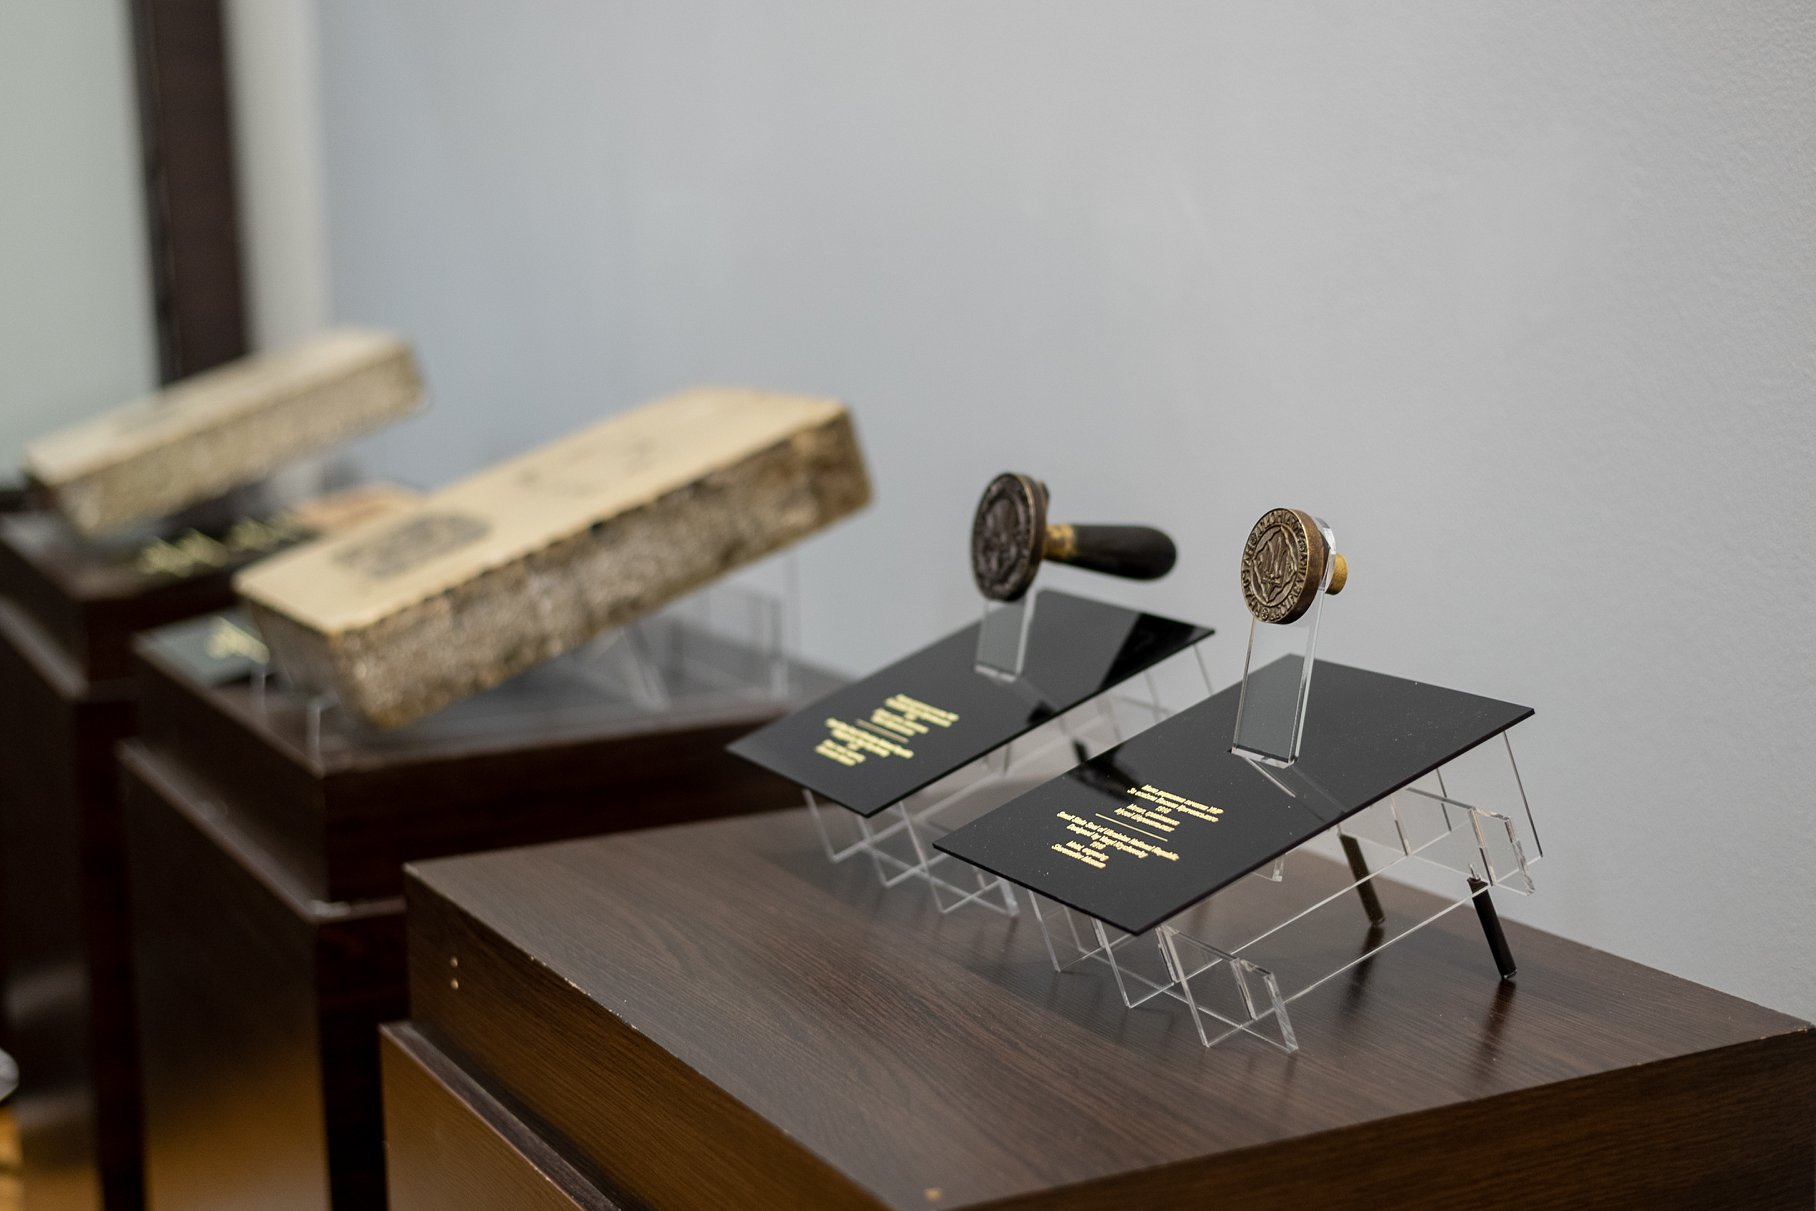 Столичний музей запрошує на виставку, присвячену українській геральдиці - музей, експозиція, виставка - 127453355 10157648064408144 385022756743928577 o